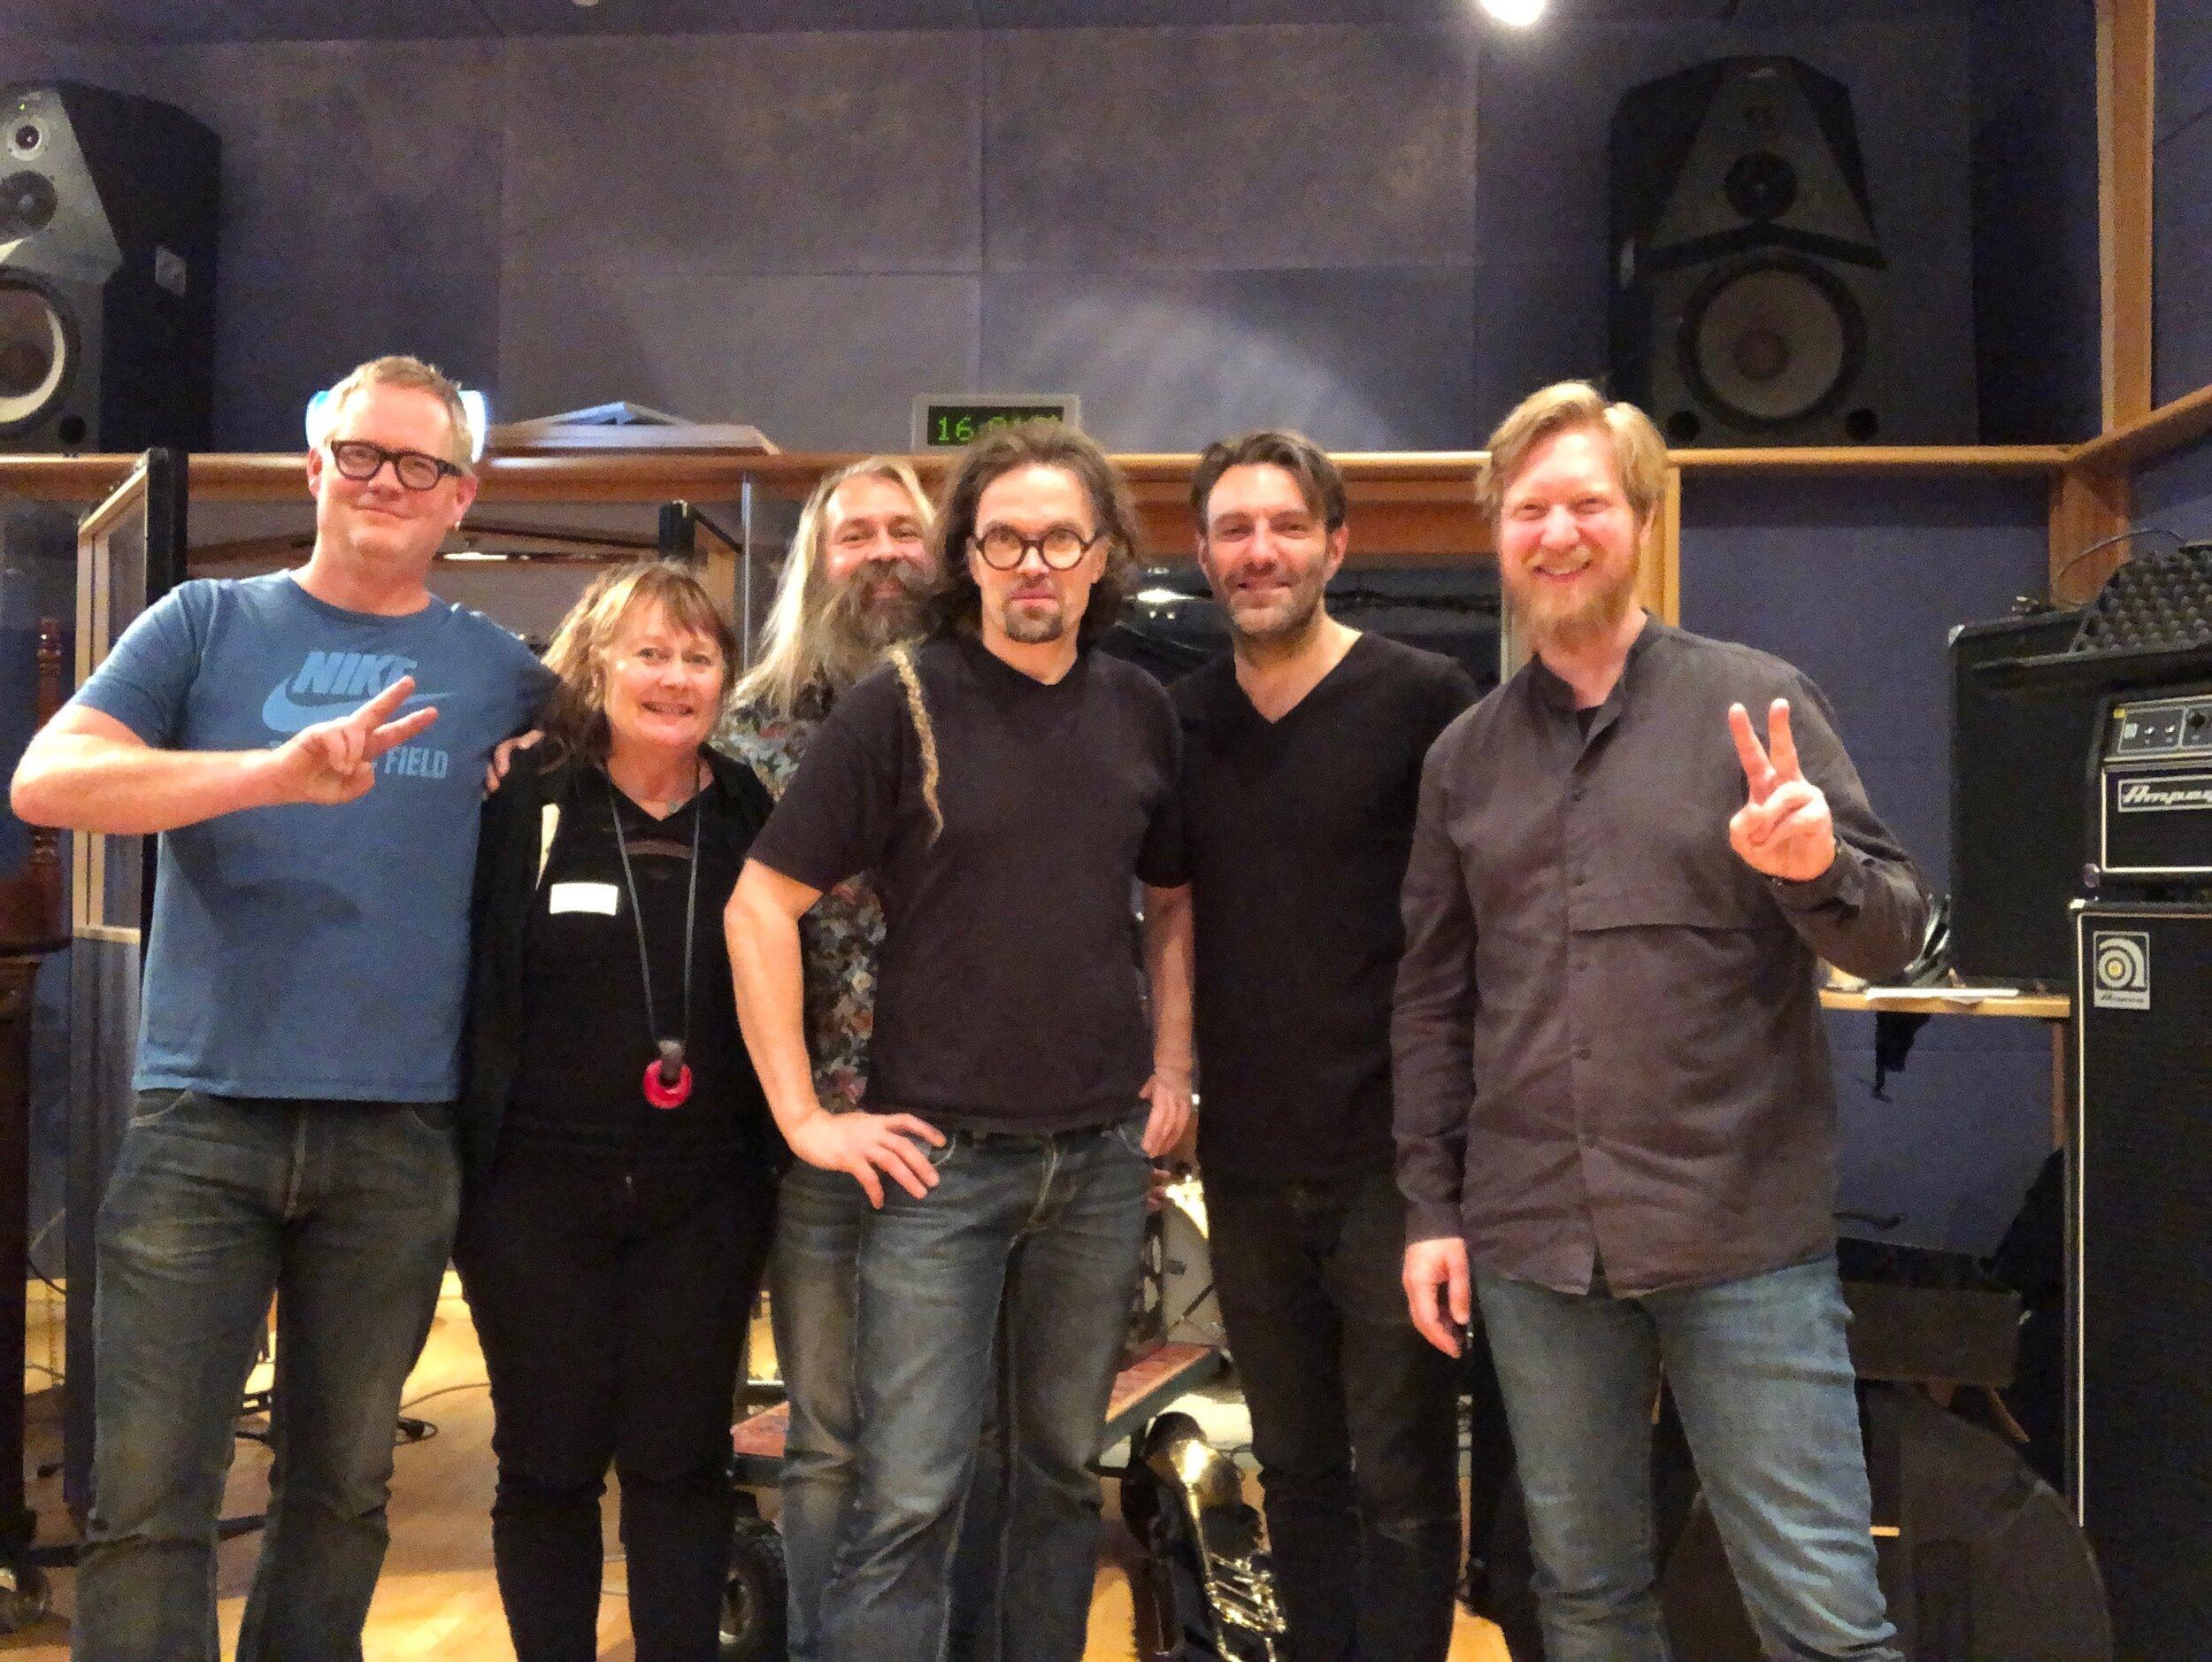 Fra innspilling av filmmusikken i NRKs Studio K20: (f.v.) Per Oddvar Johansen, regissør Elsa Kvamme, Trygve Seim, Øyvind Brække, Mats Eilertsen og Helge Lien.